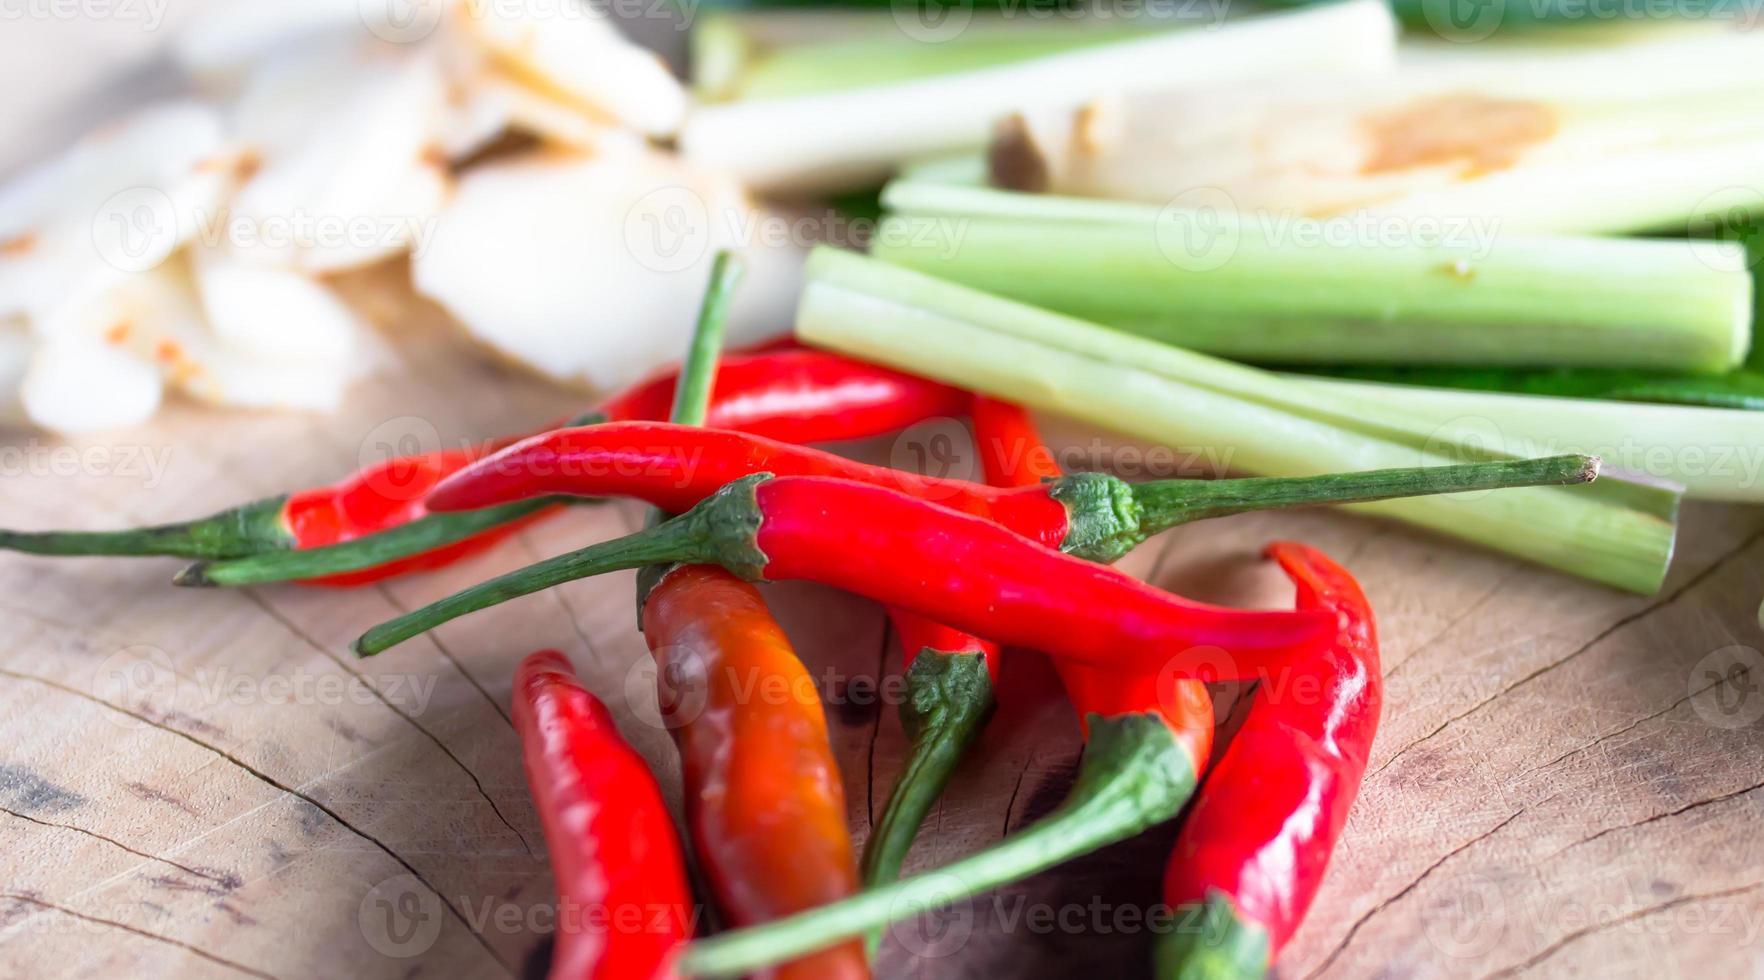 ingrédient pour la cuisine thaïlandaise photo